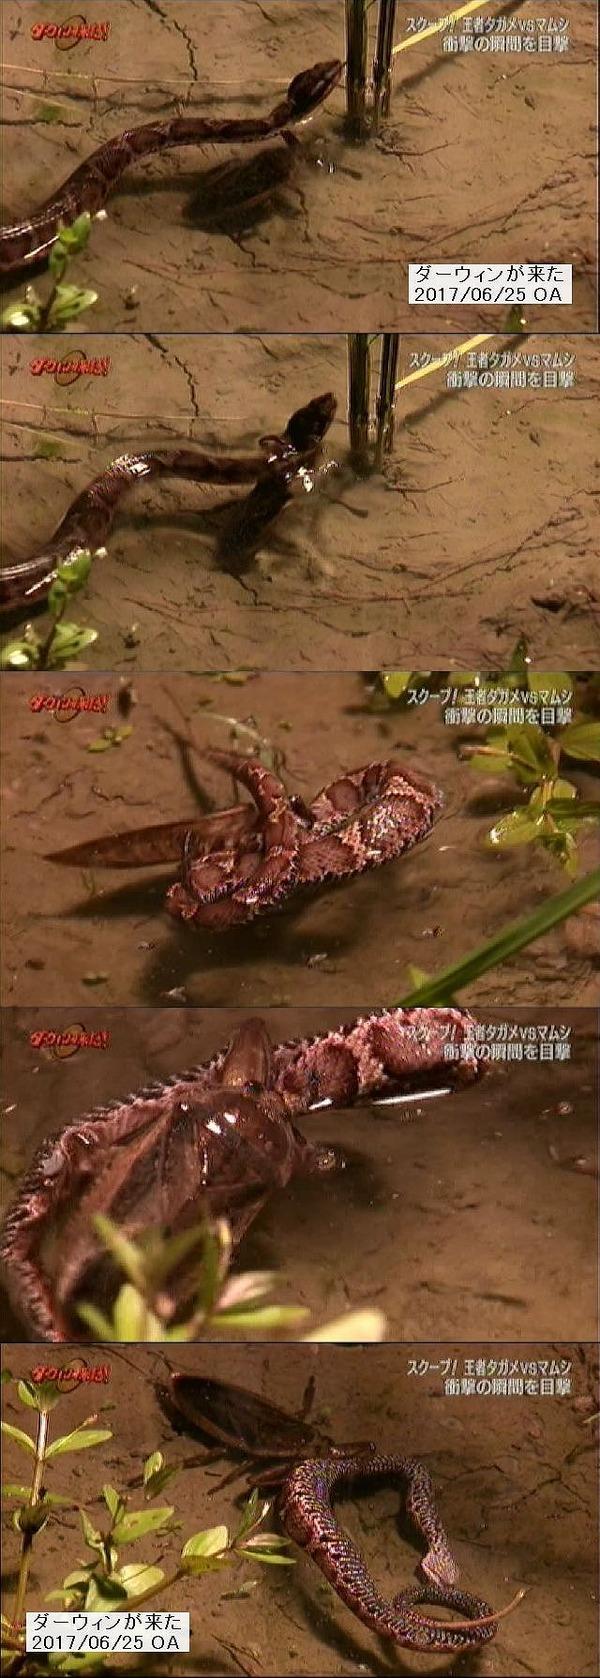 マムシを狩るタガメ。はじめて撮影したNHK「ダーウィンが来た」